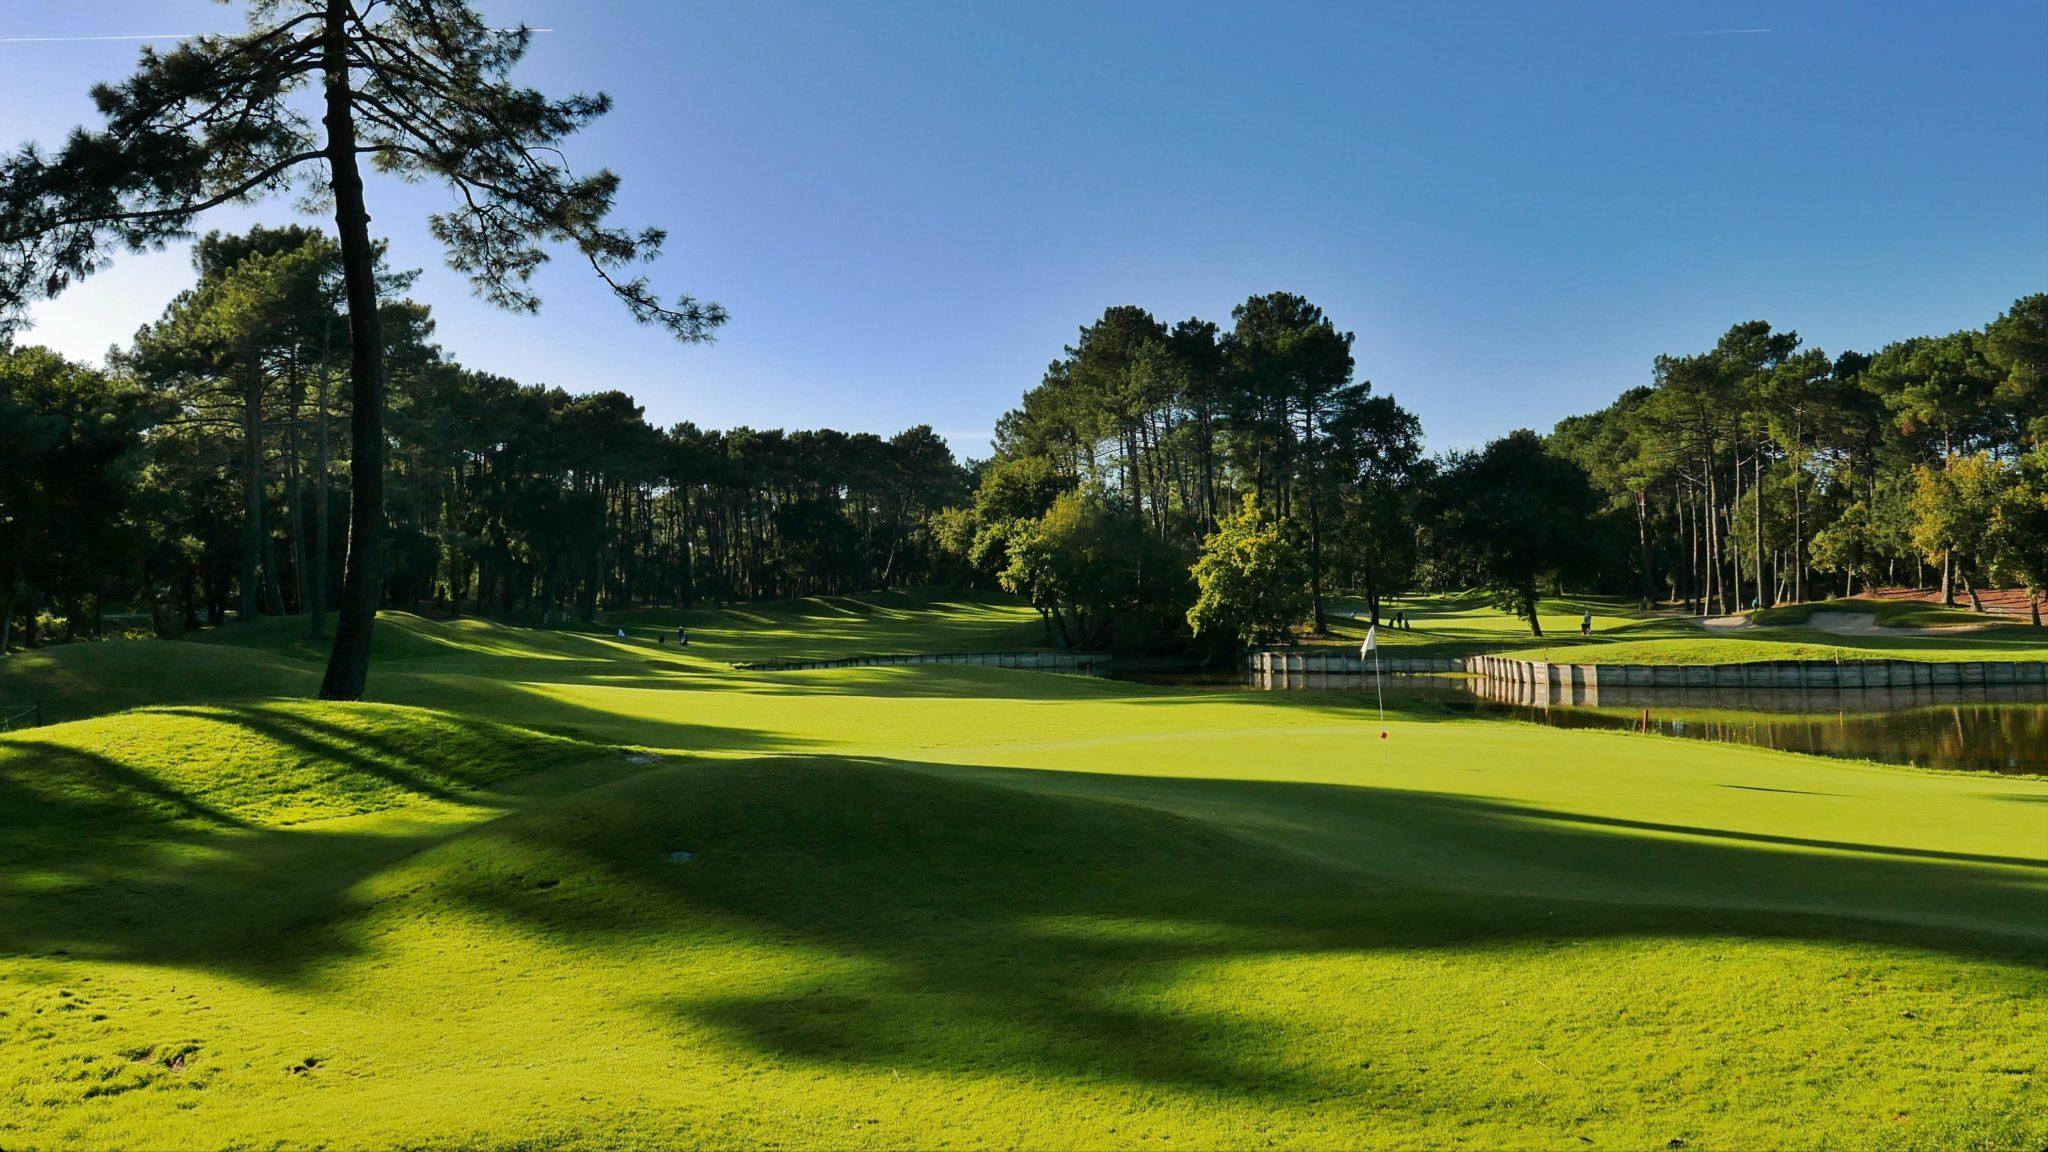 Golf-seignosse-pano